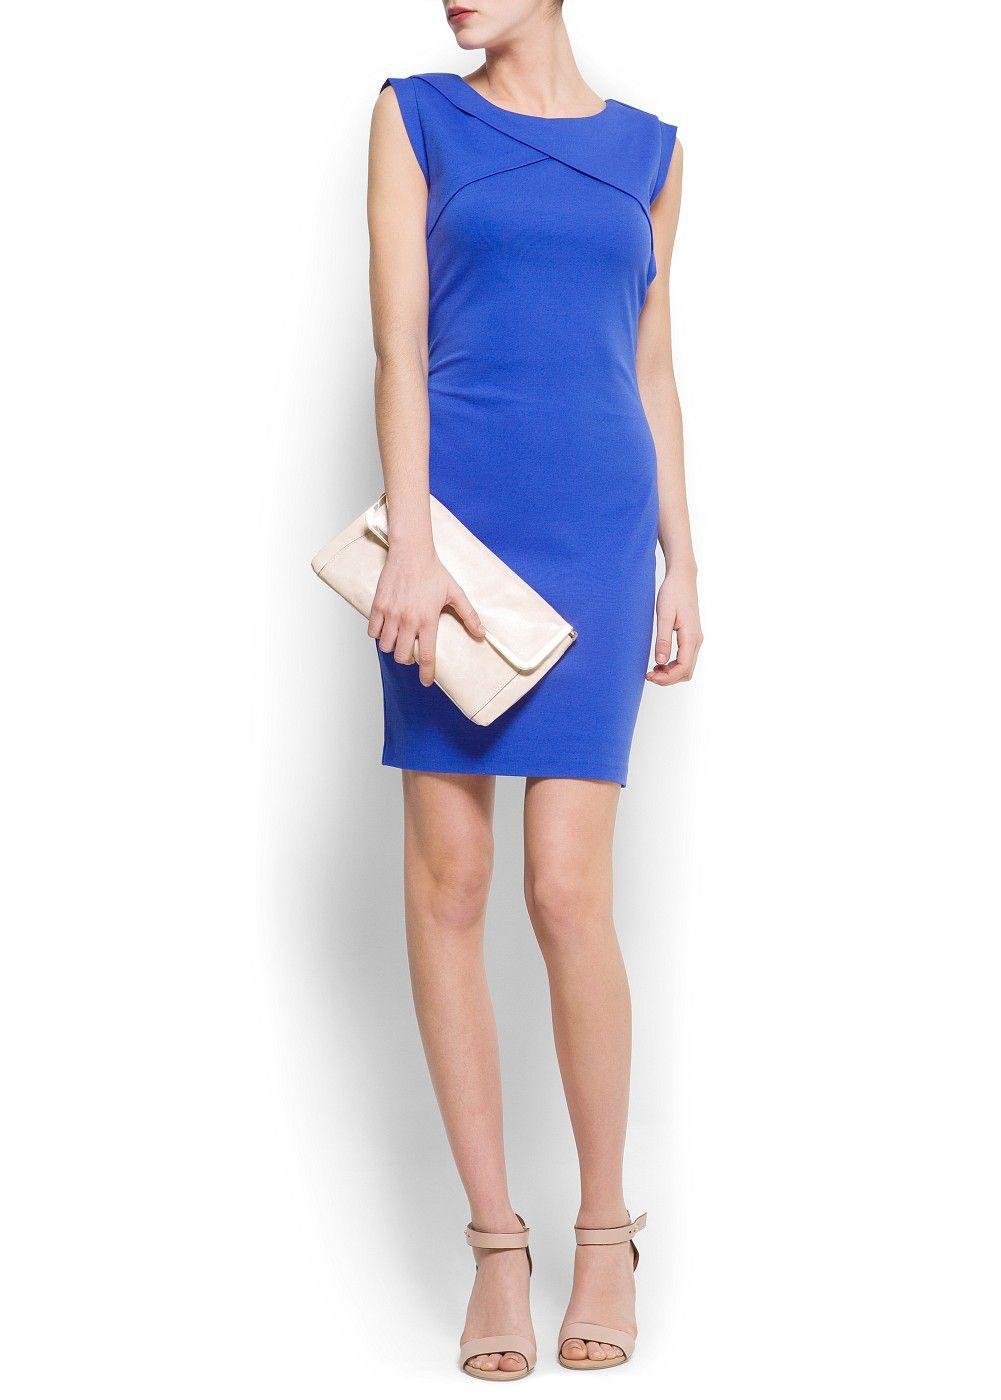 22153d06fdd36a MANGO - KLEDING - Jurken - Blauw - Origami stretch jersey jurk